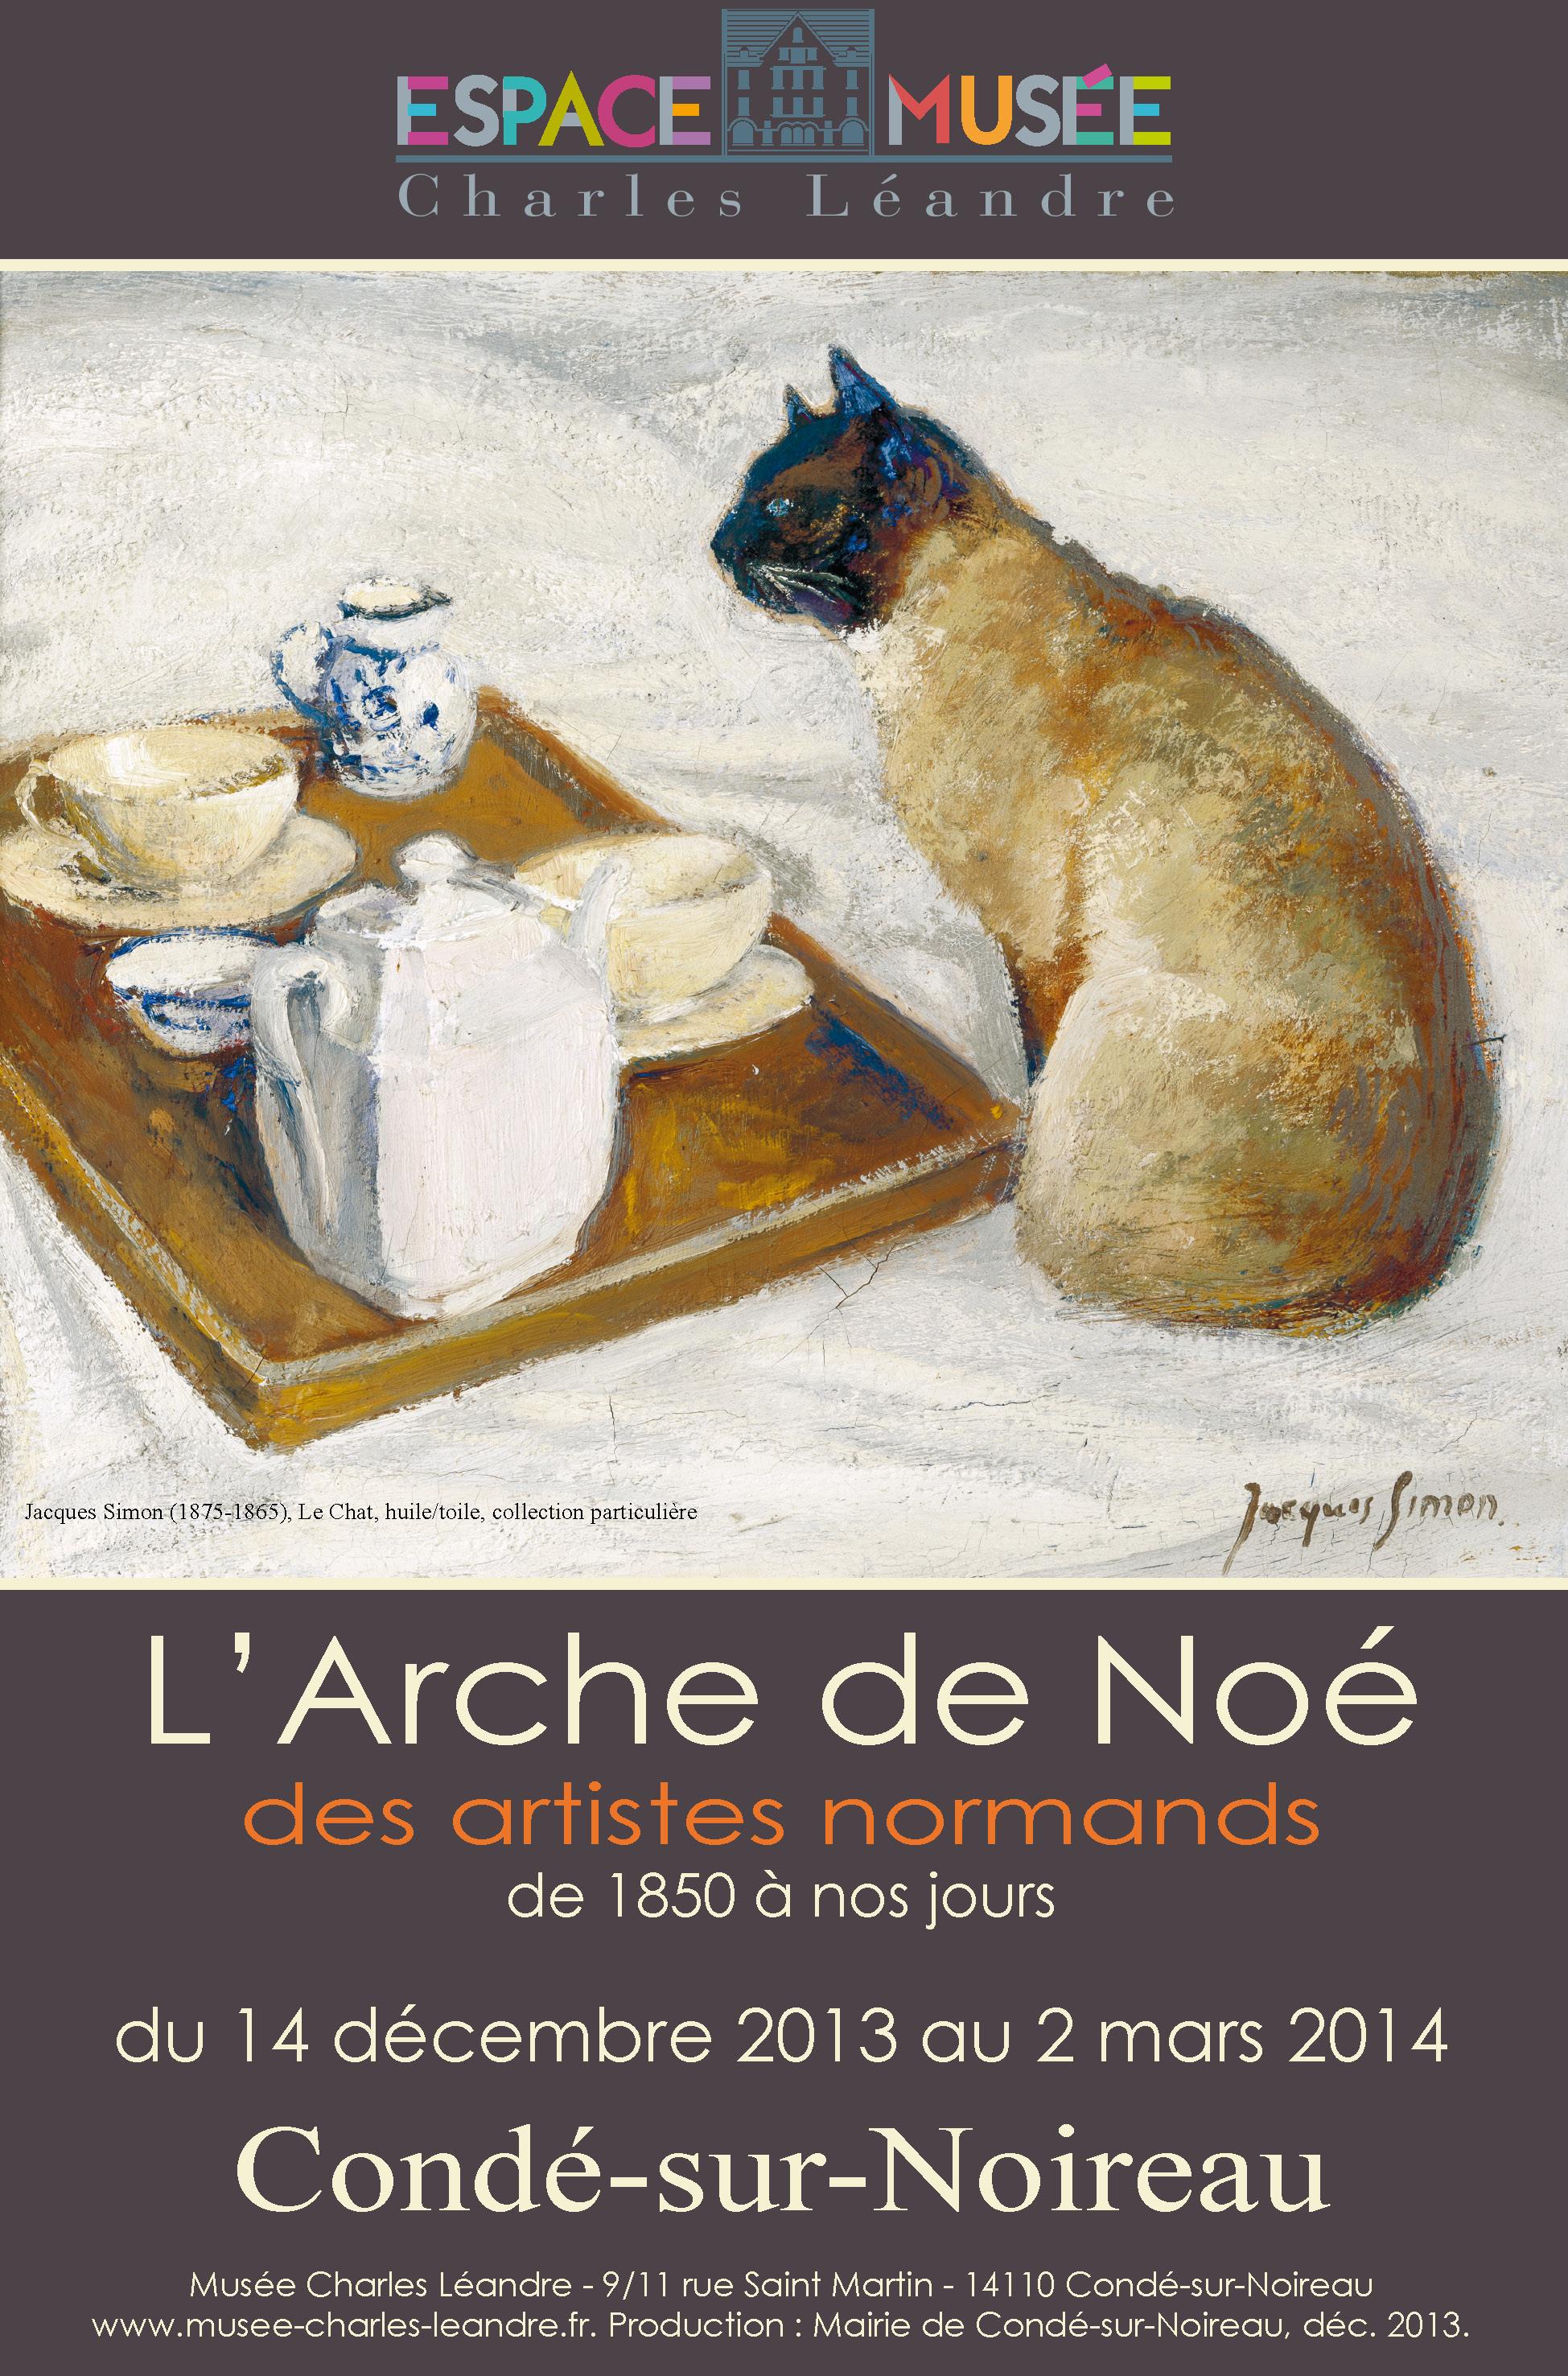 L'Arche de Noé des Artistes normands, 1850 à nos jours. Espace-musée Charles Léandre. Condé-sur-Noireau